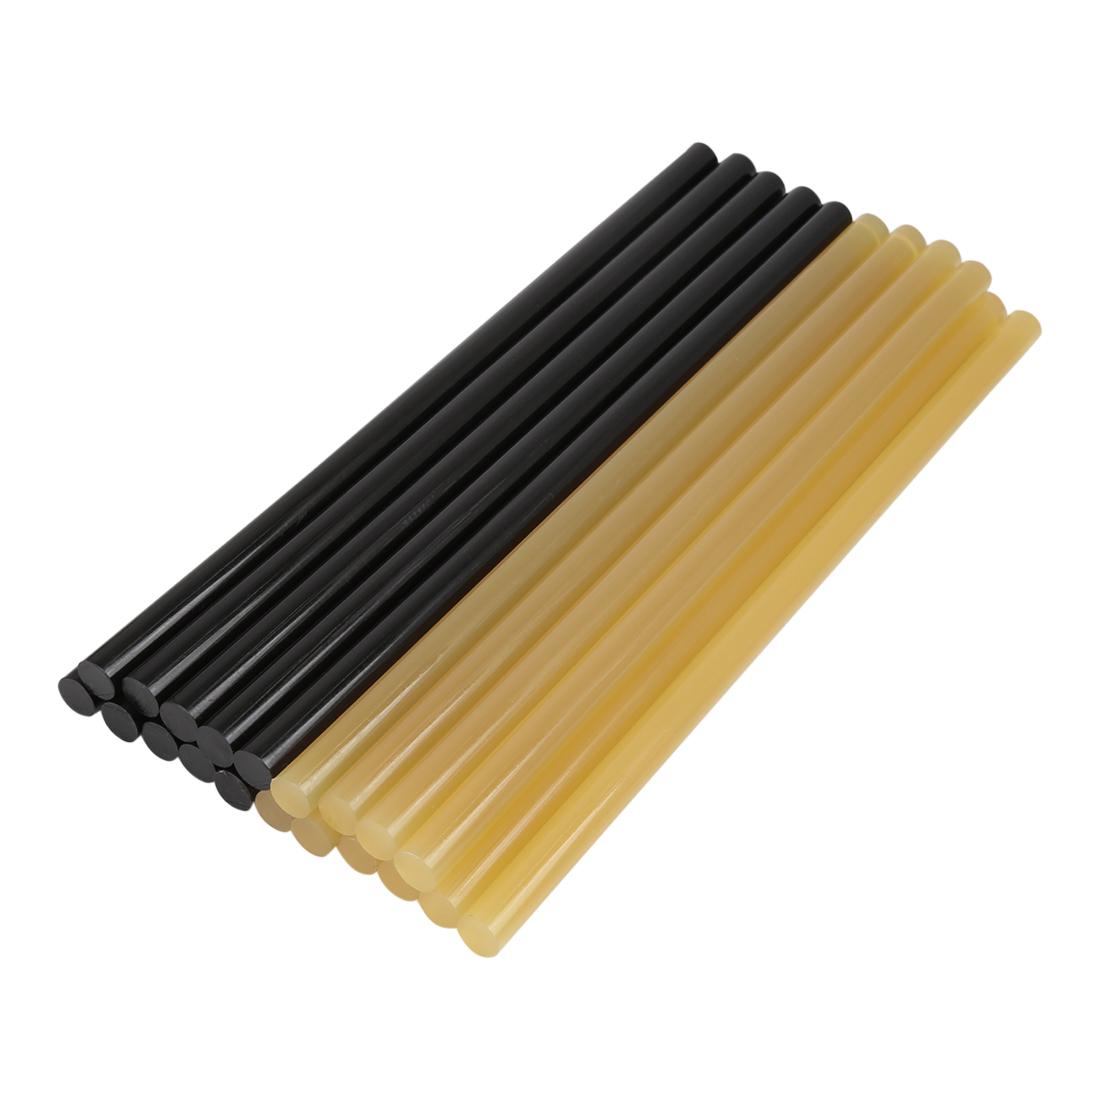 20 Pcs 11mm x 270mm Paintless Dent Repair Hot Melt Glue Sticks for Car